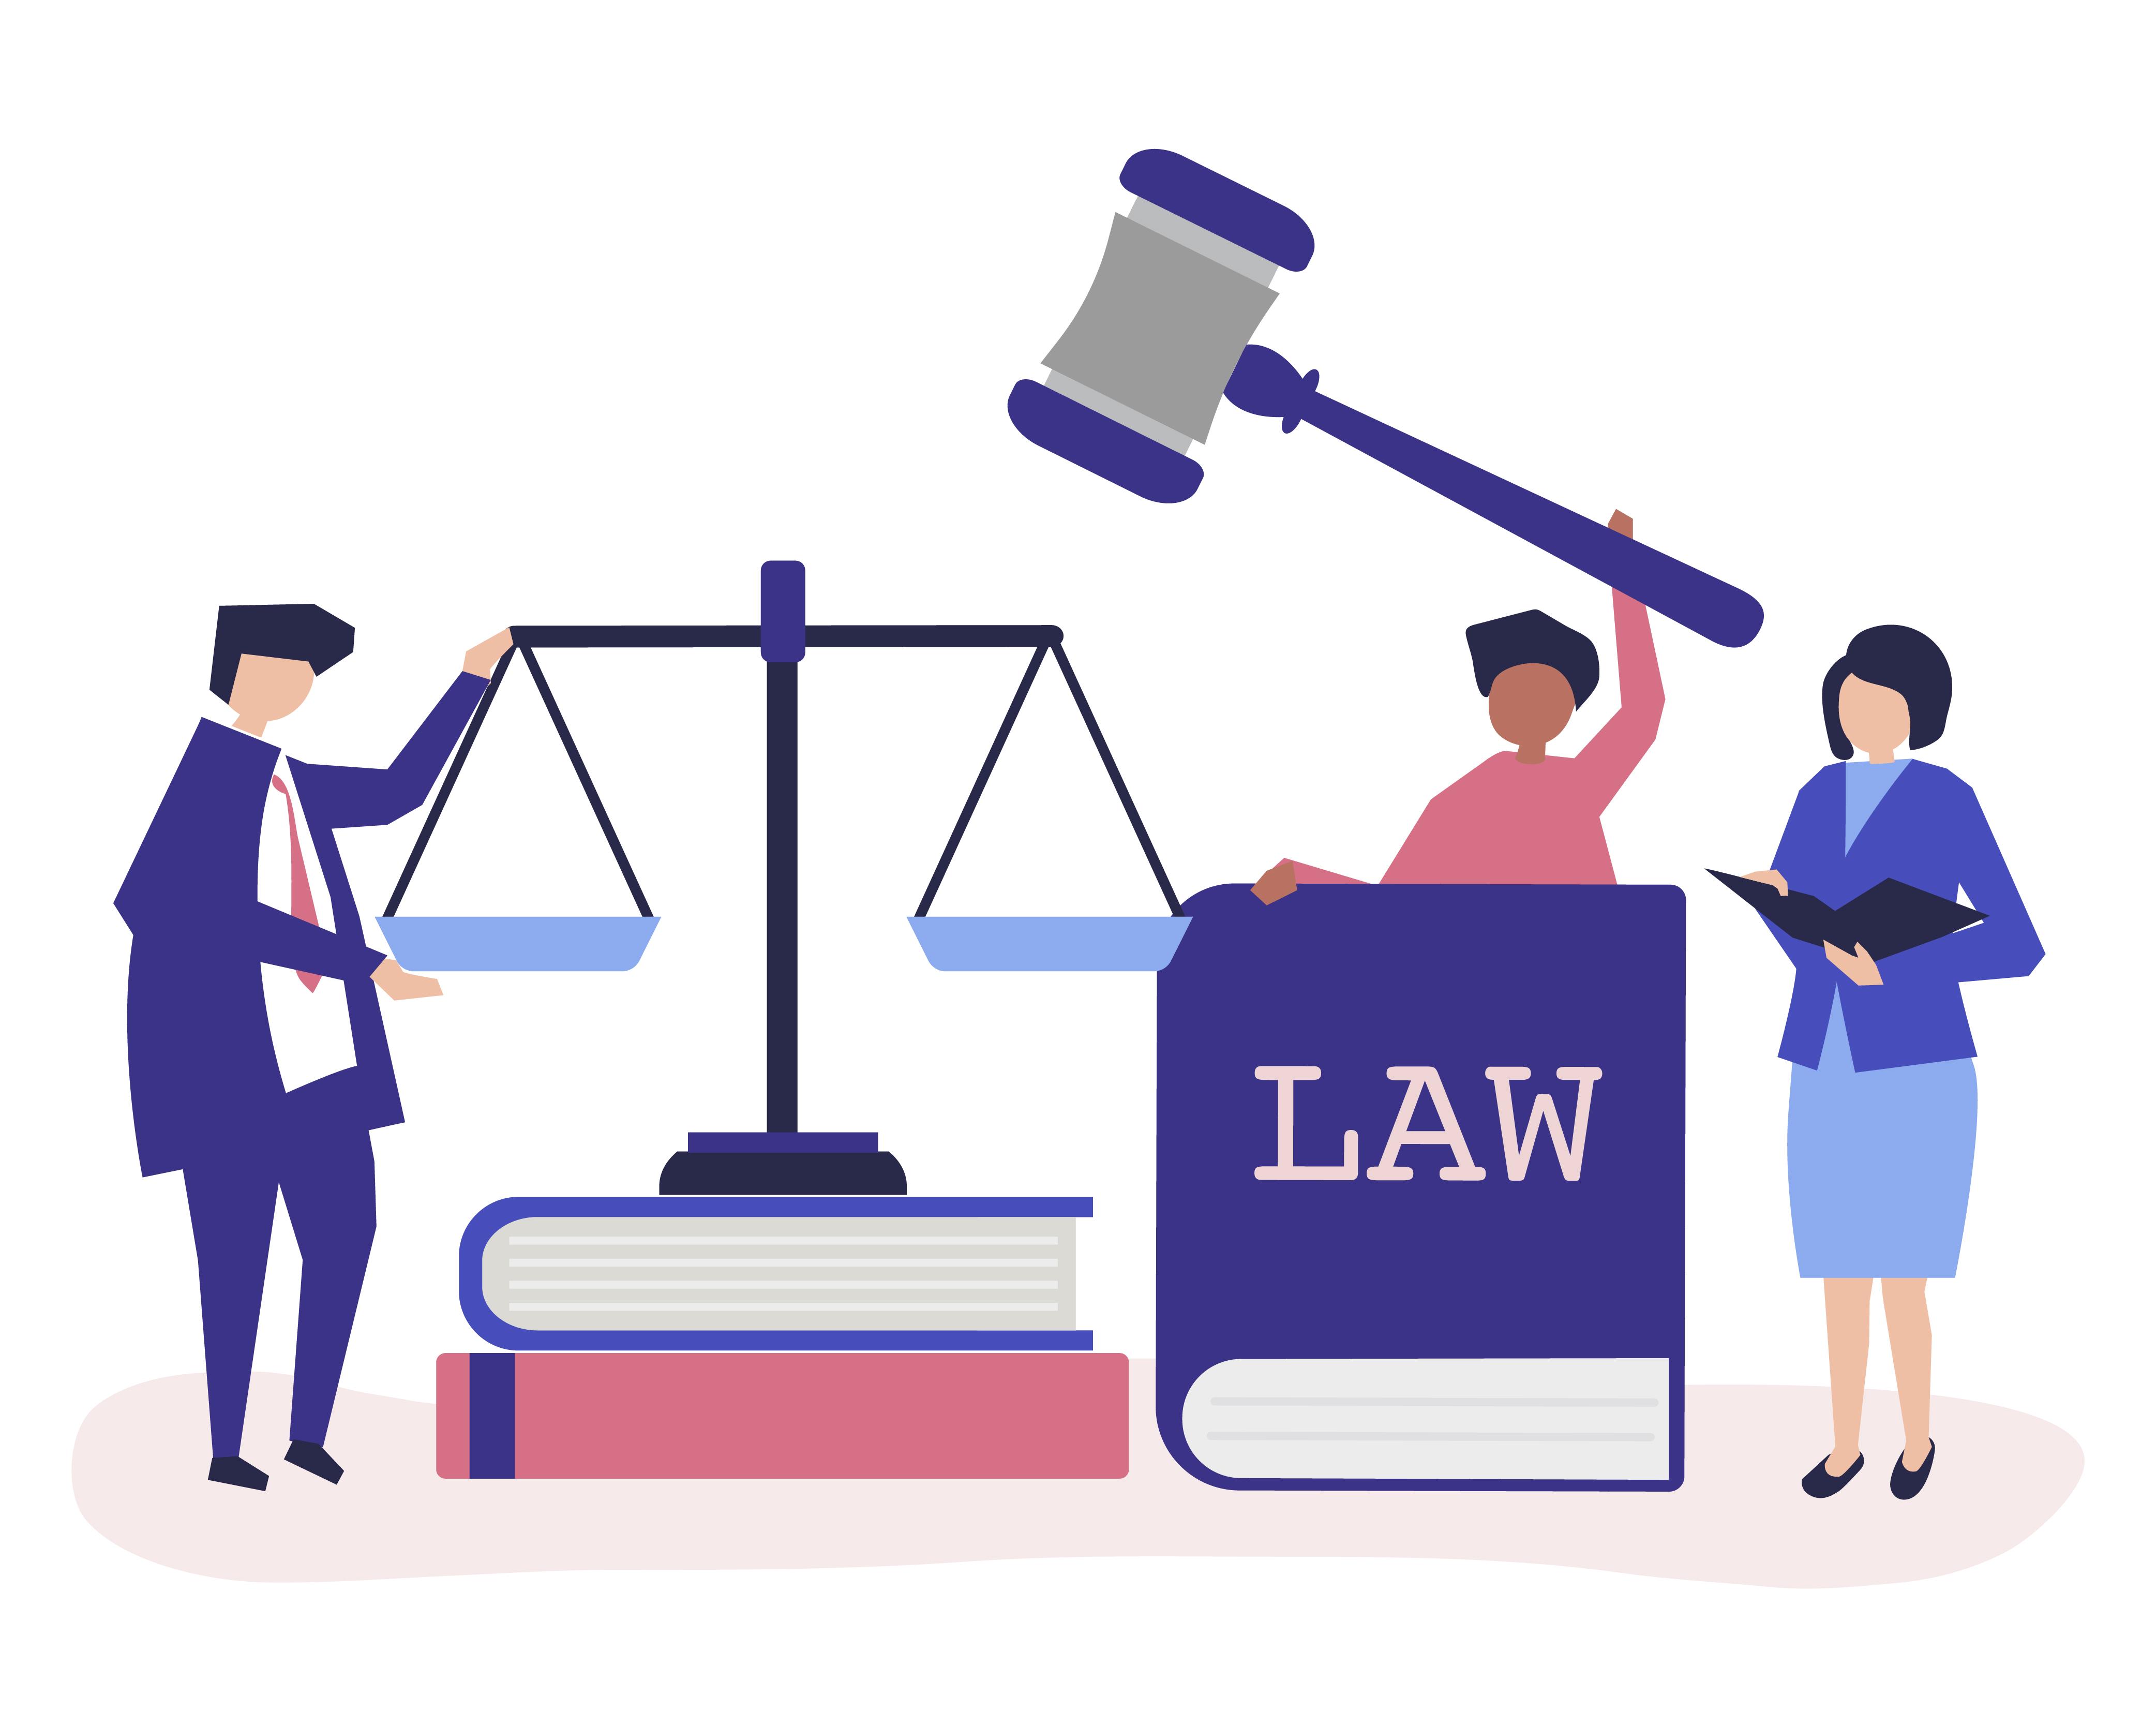 Perizie e consulenze in ambito civile e penale